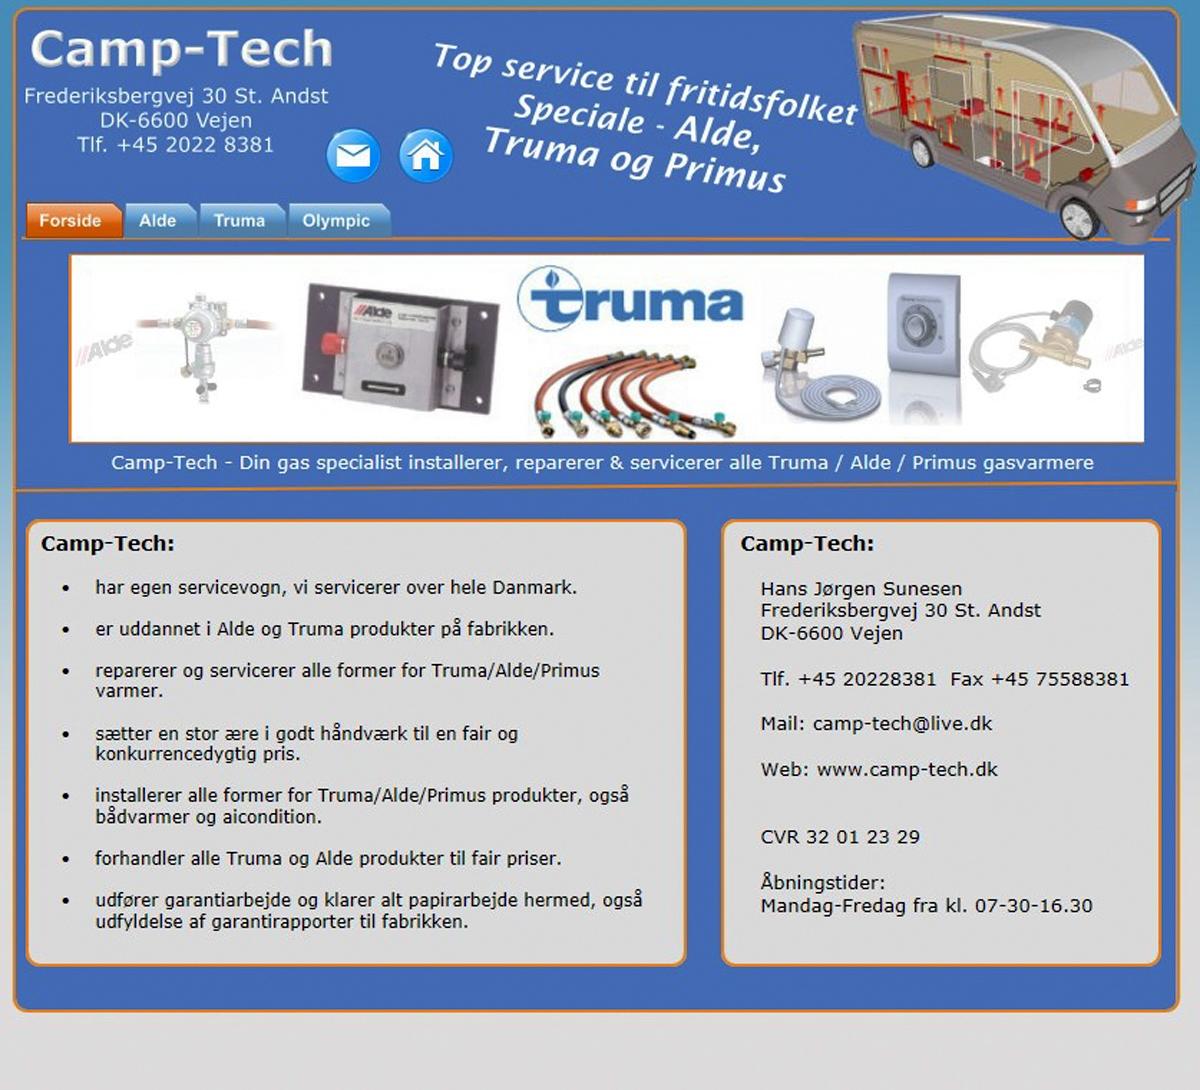 www.camp-tech.dk